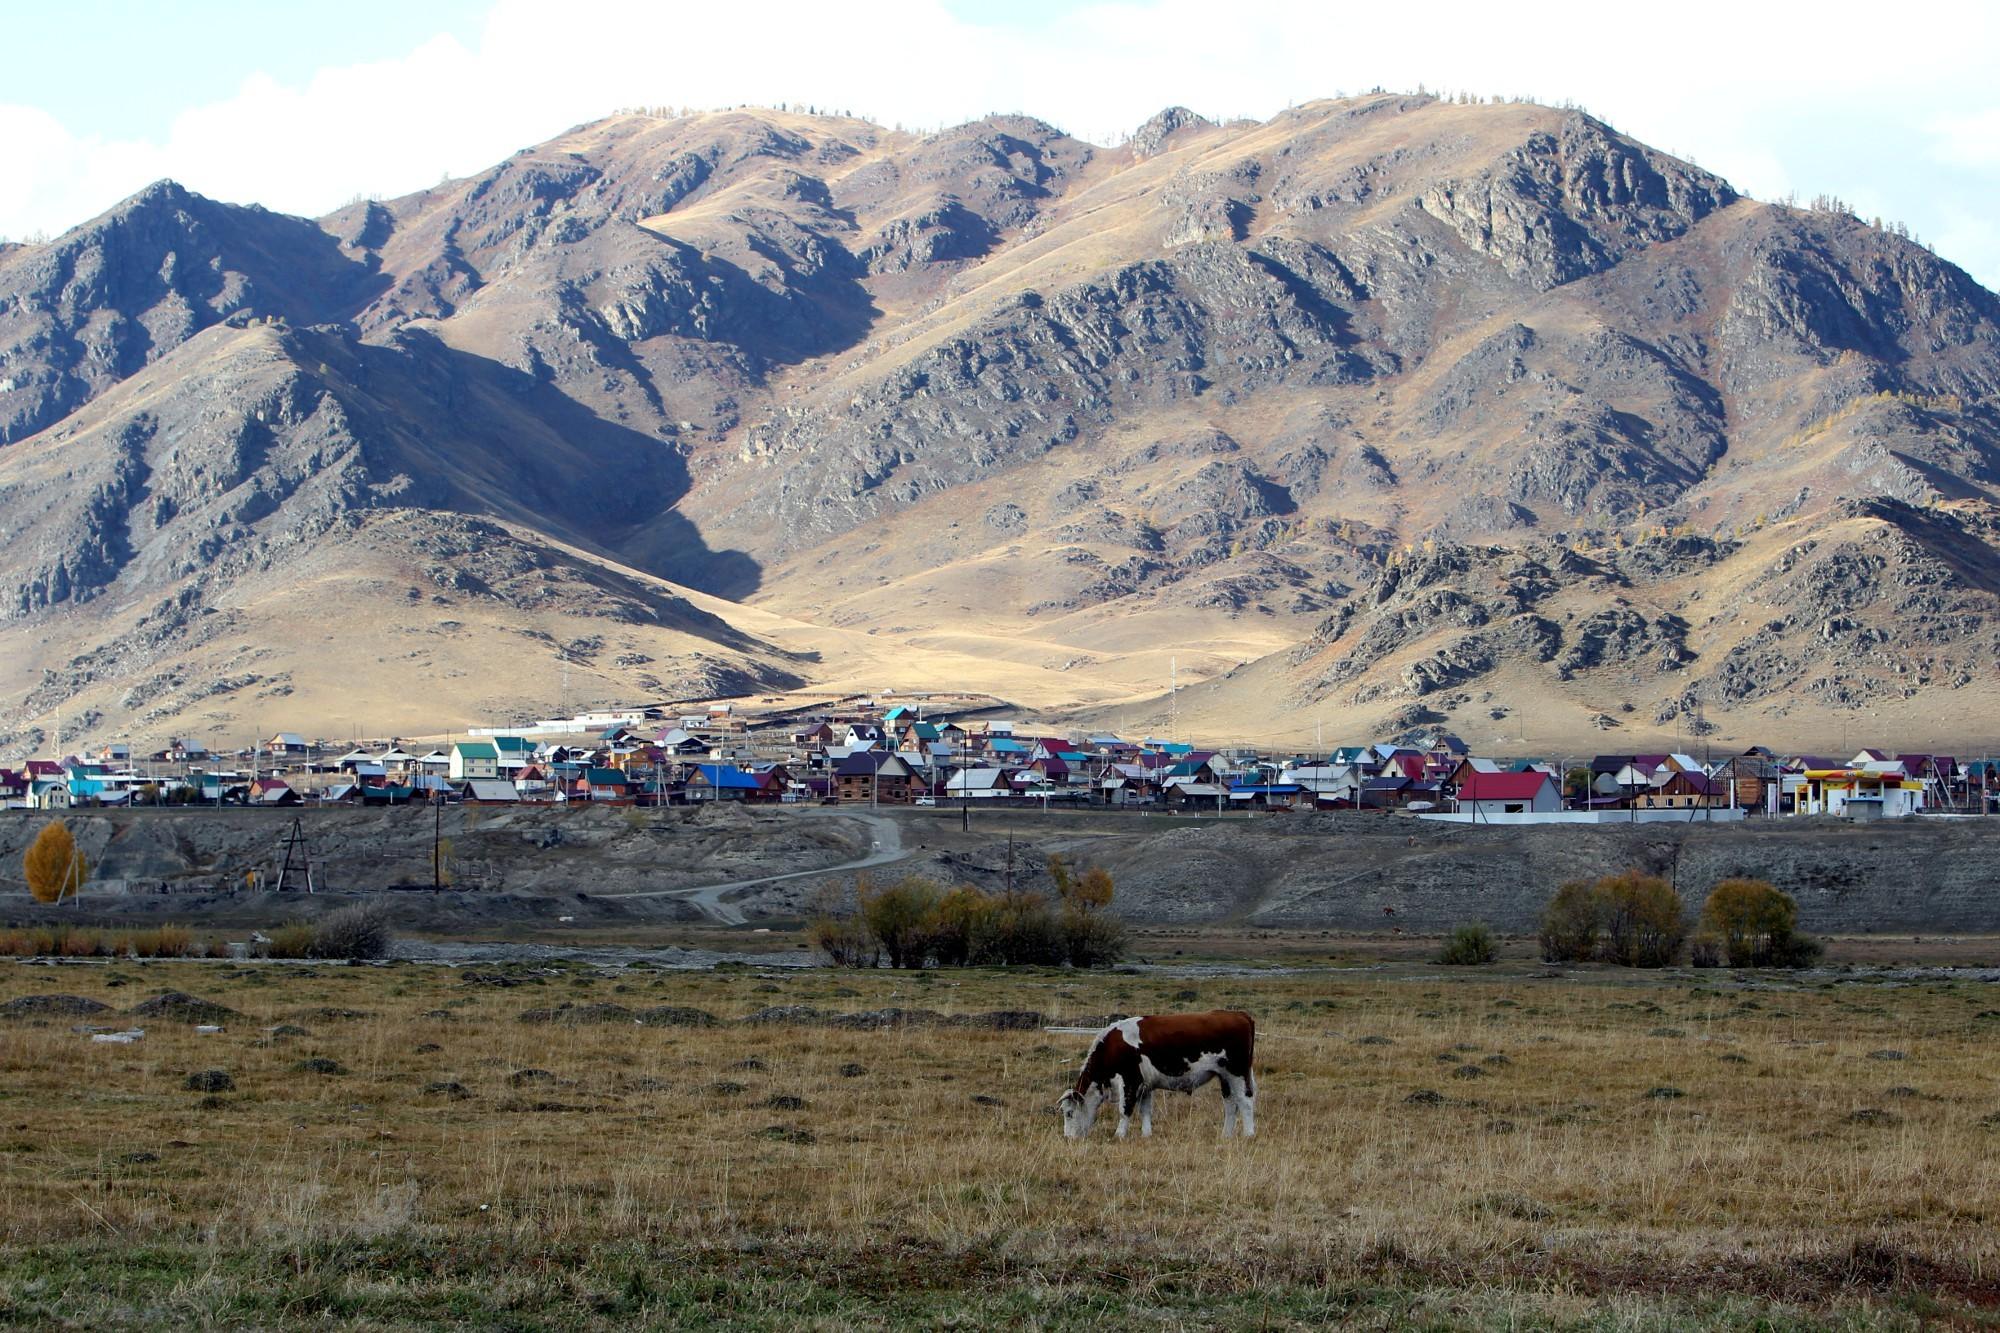 Сибирь Горный Алтай село Онгудай природа деревня корова пастбище сельское хозяйство